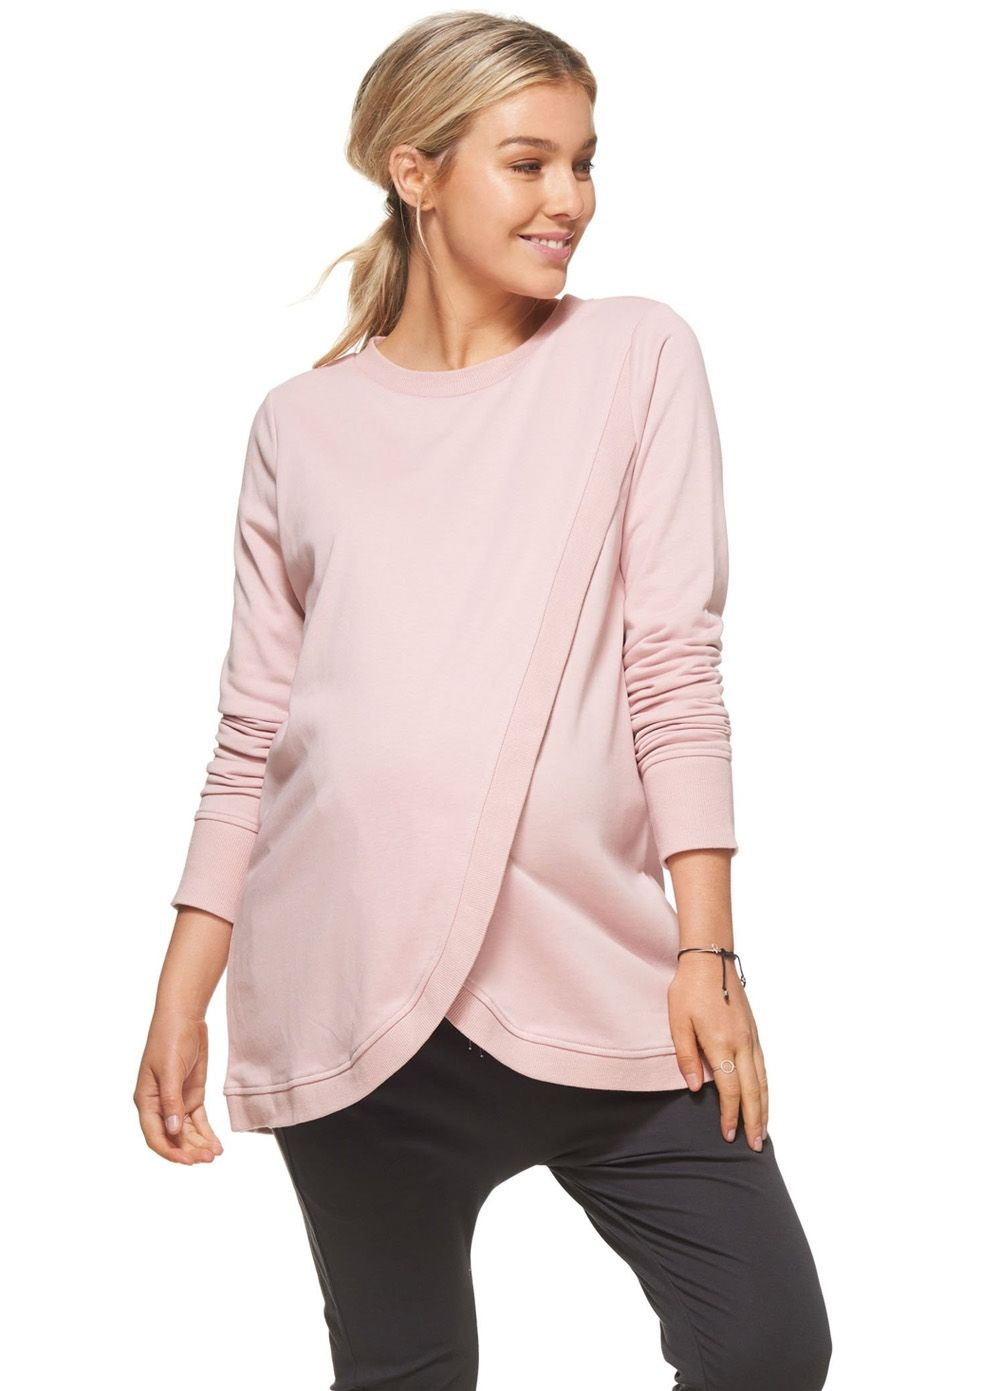 Bae - Look Twice Sweater in Musk  27214f48f